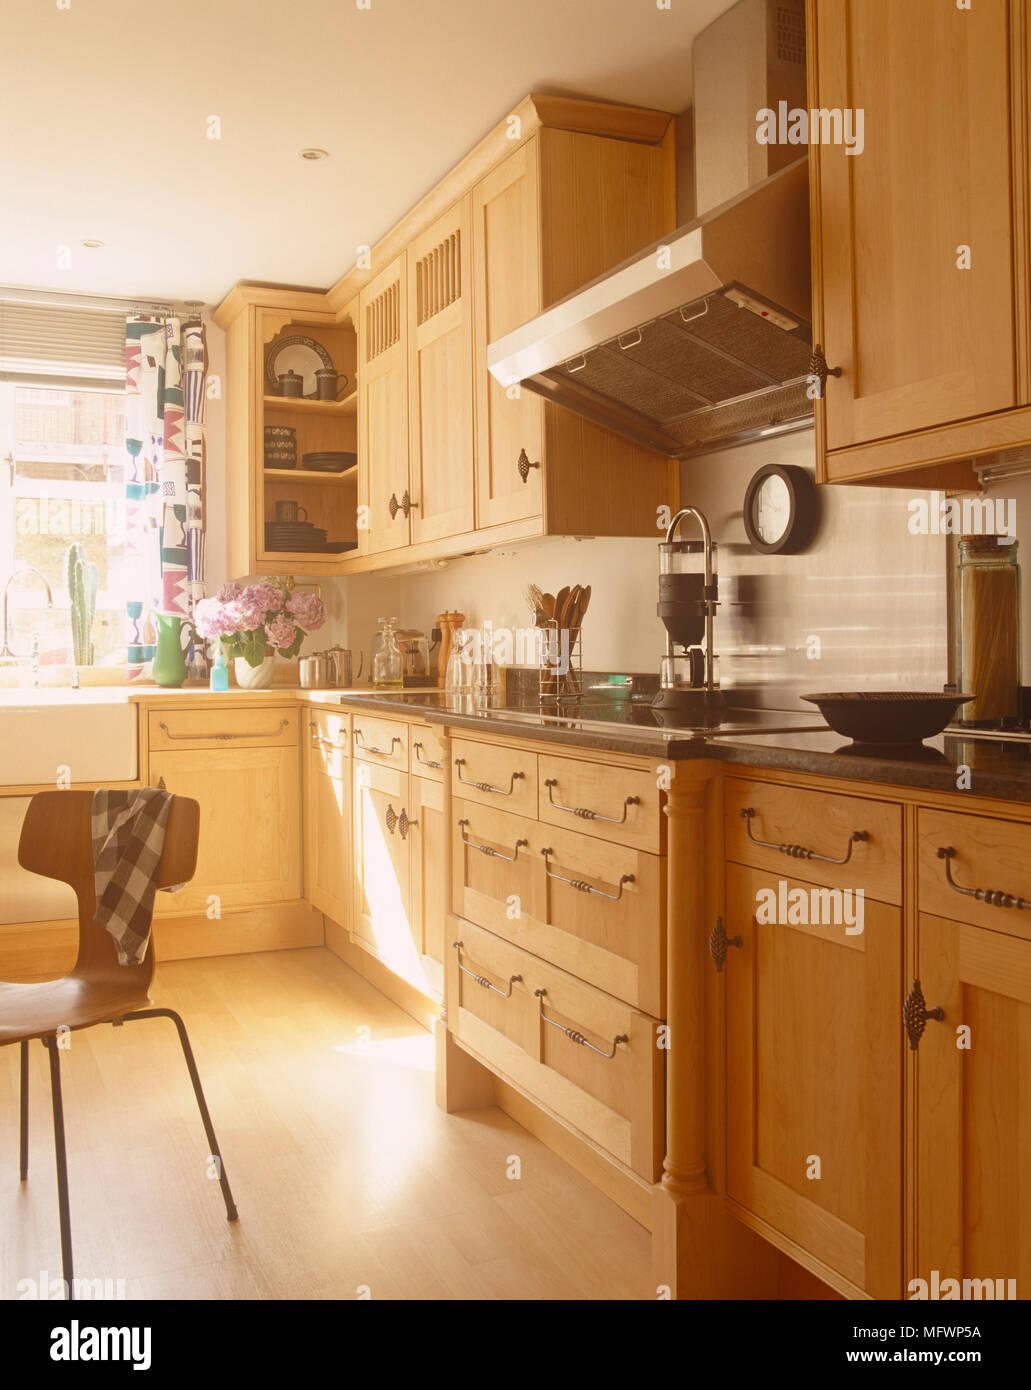 Holz In Der Kuche Im Landhausstil Stockfoto Bild 181889718 Alamy